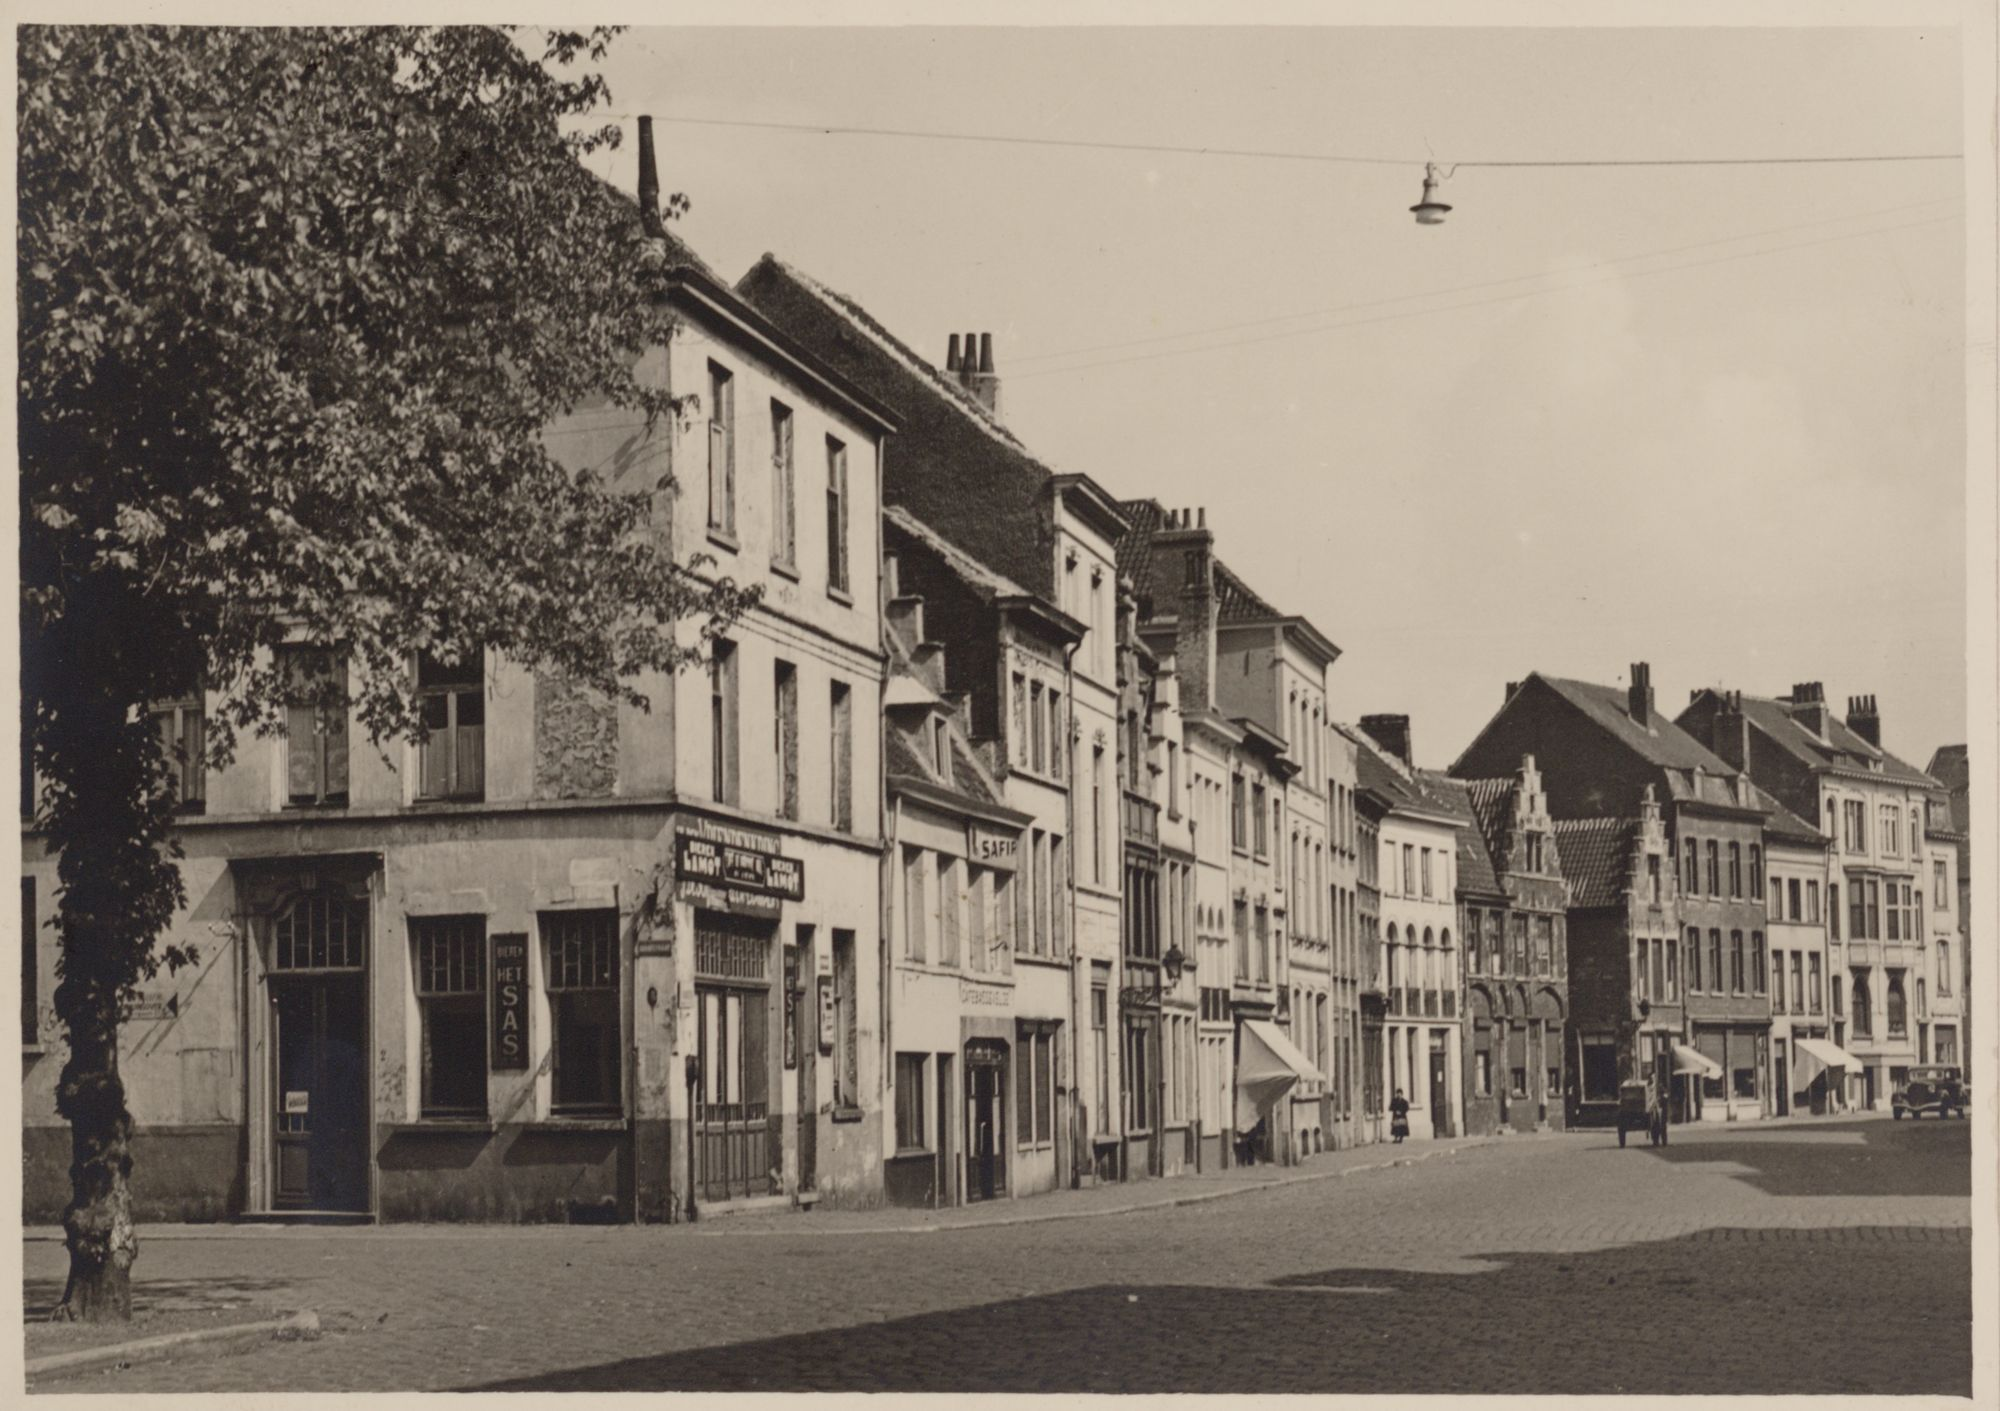 Gent: Ottogracht